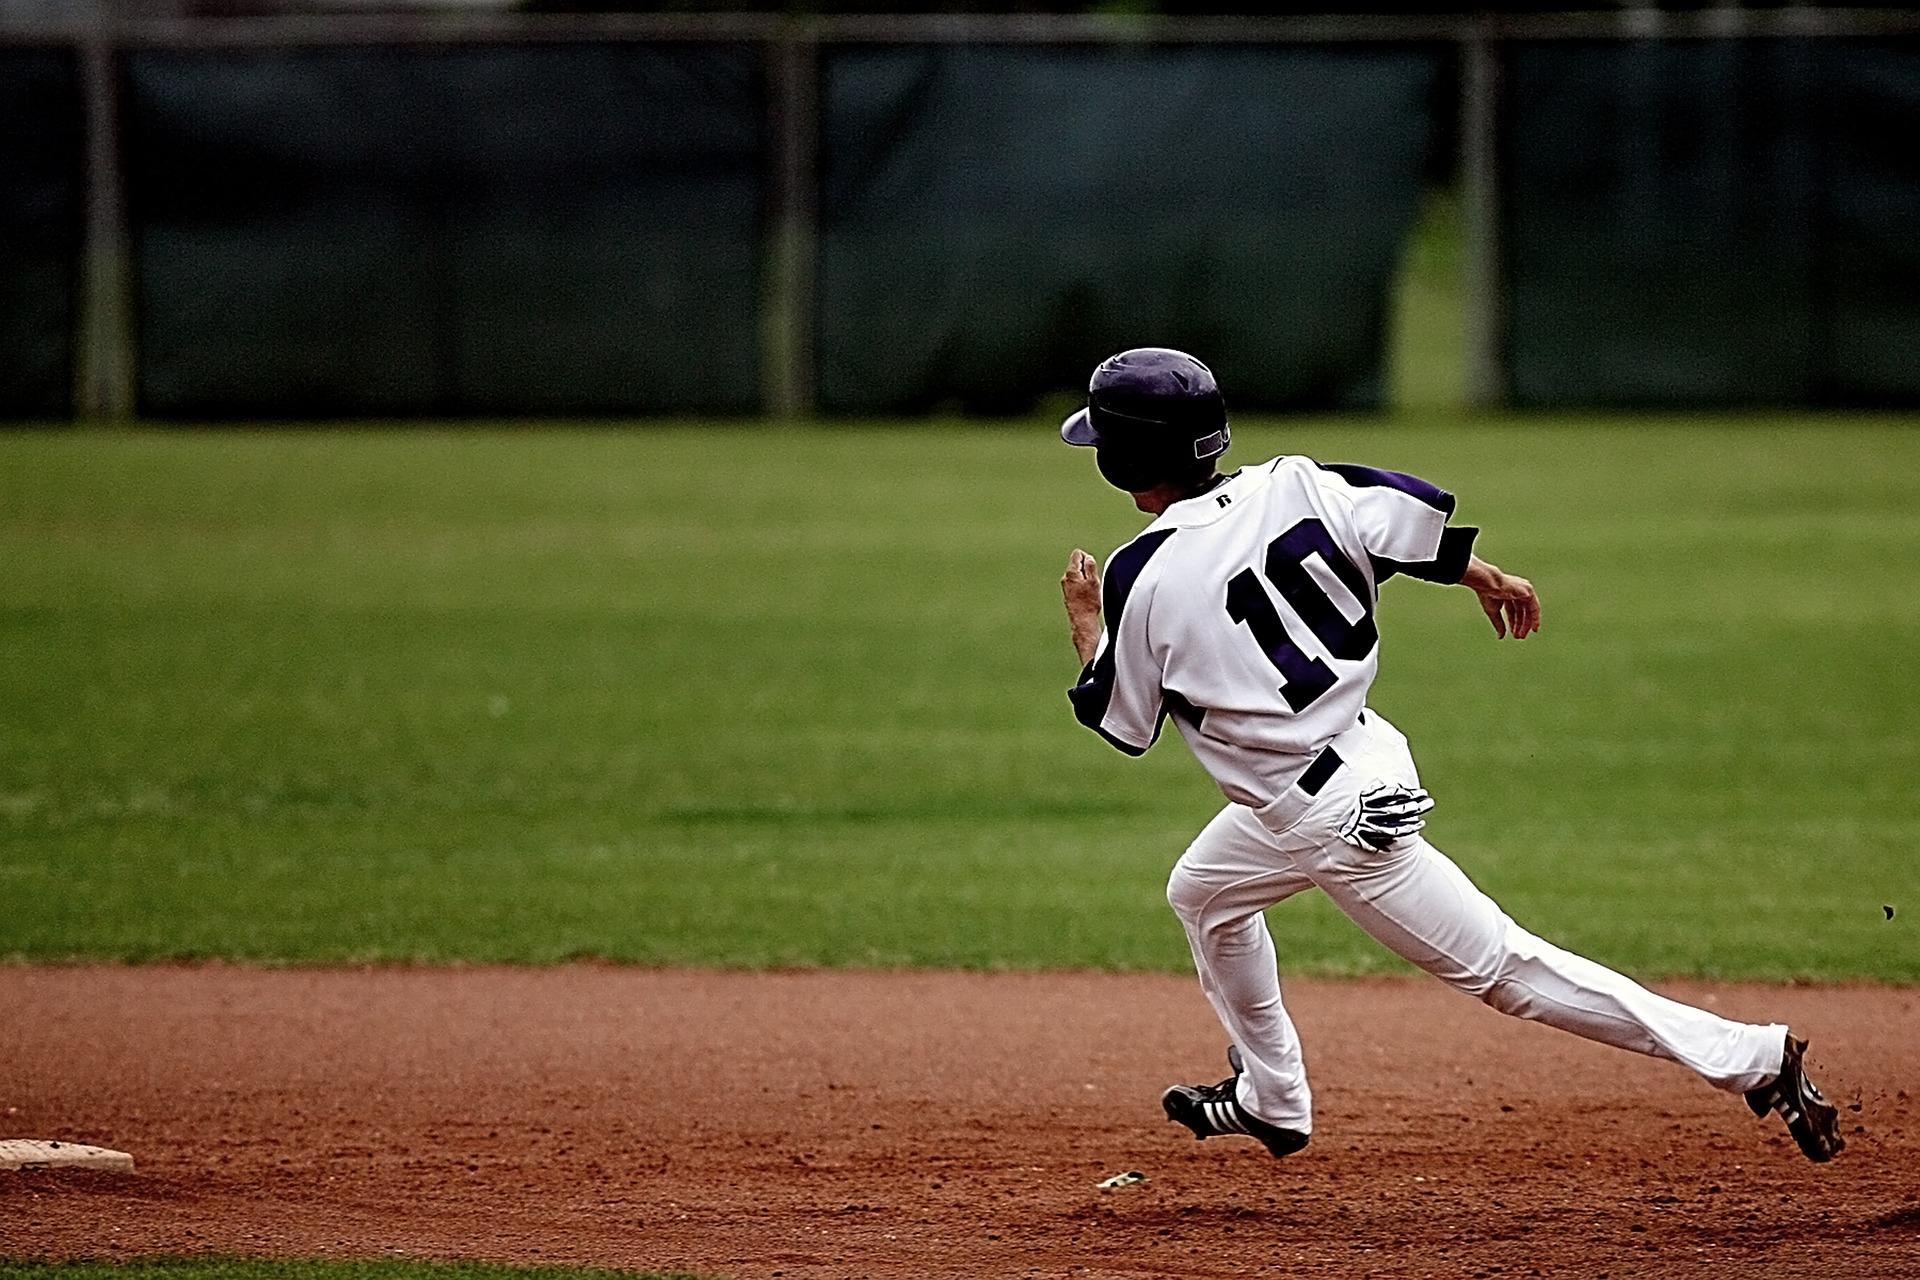 How do I get into baseball and softball